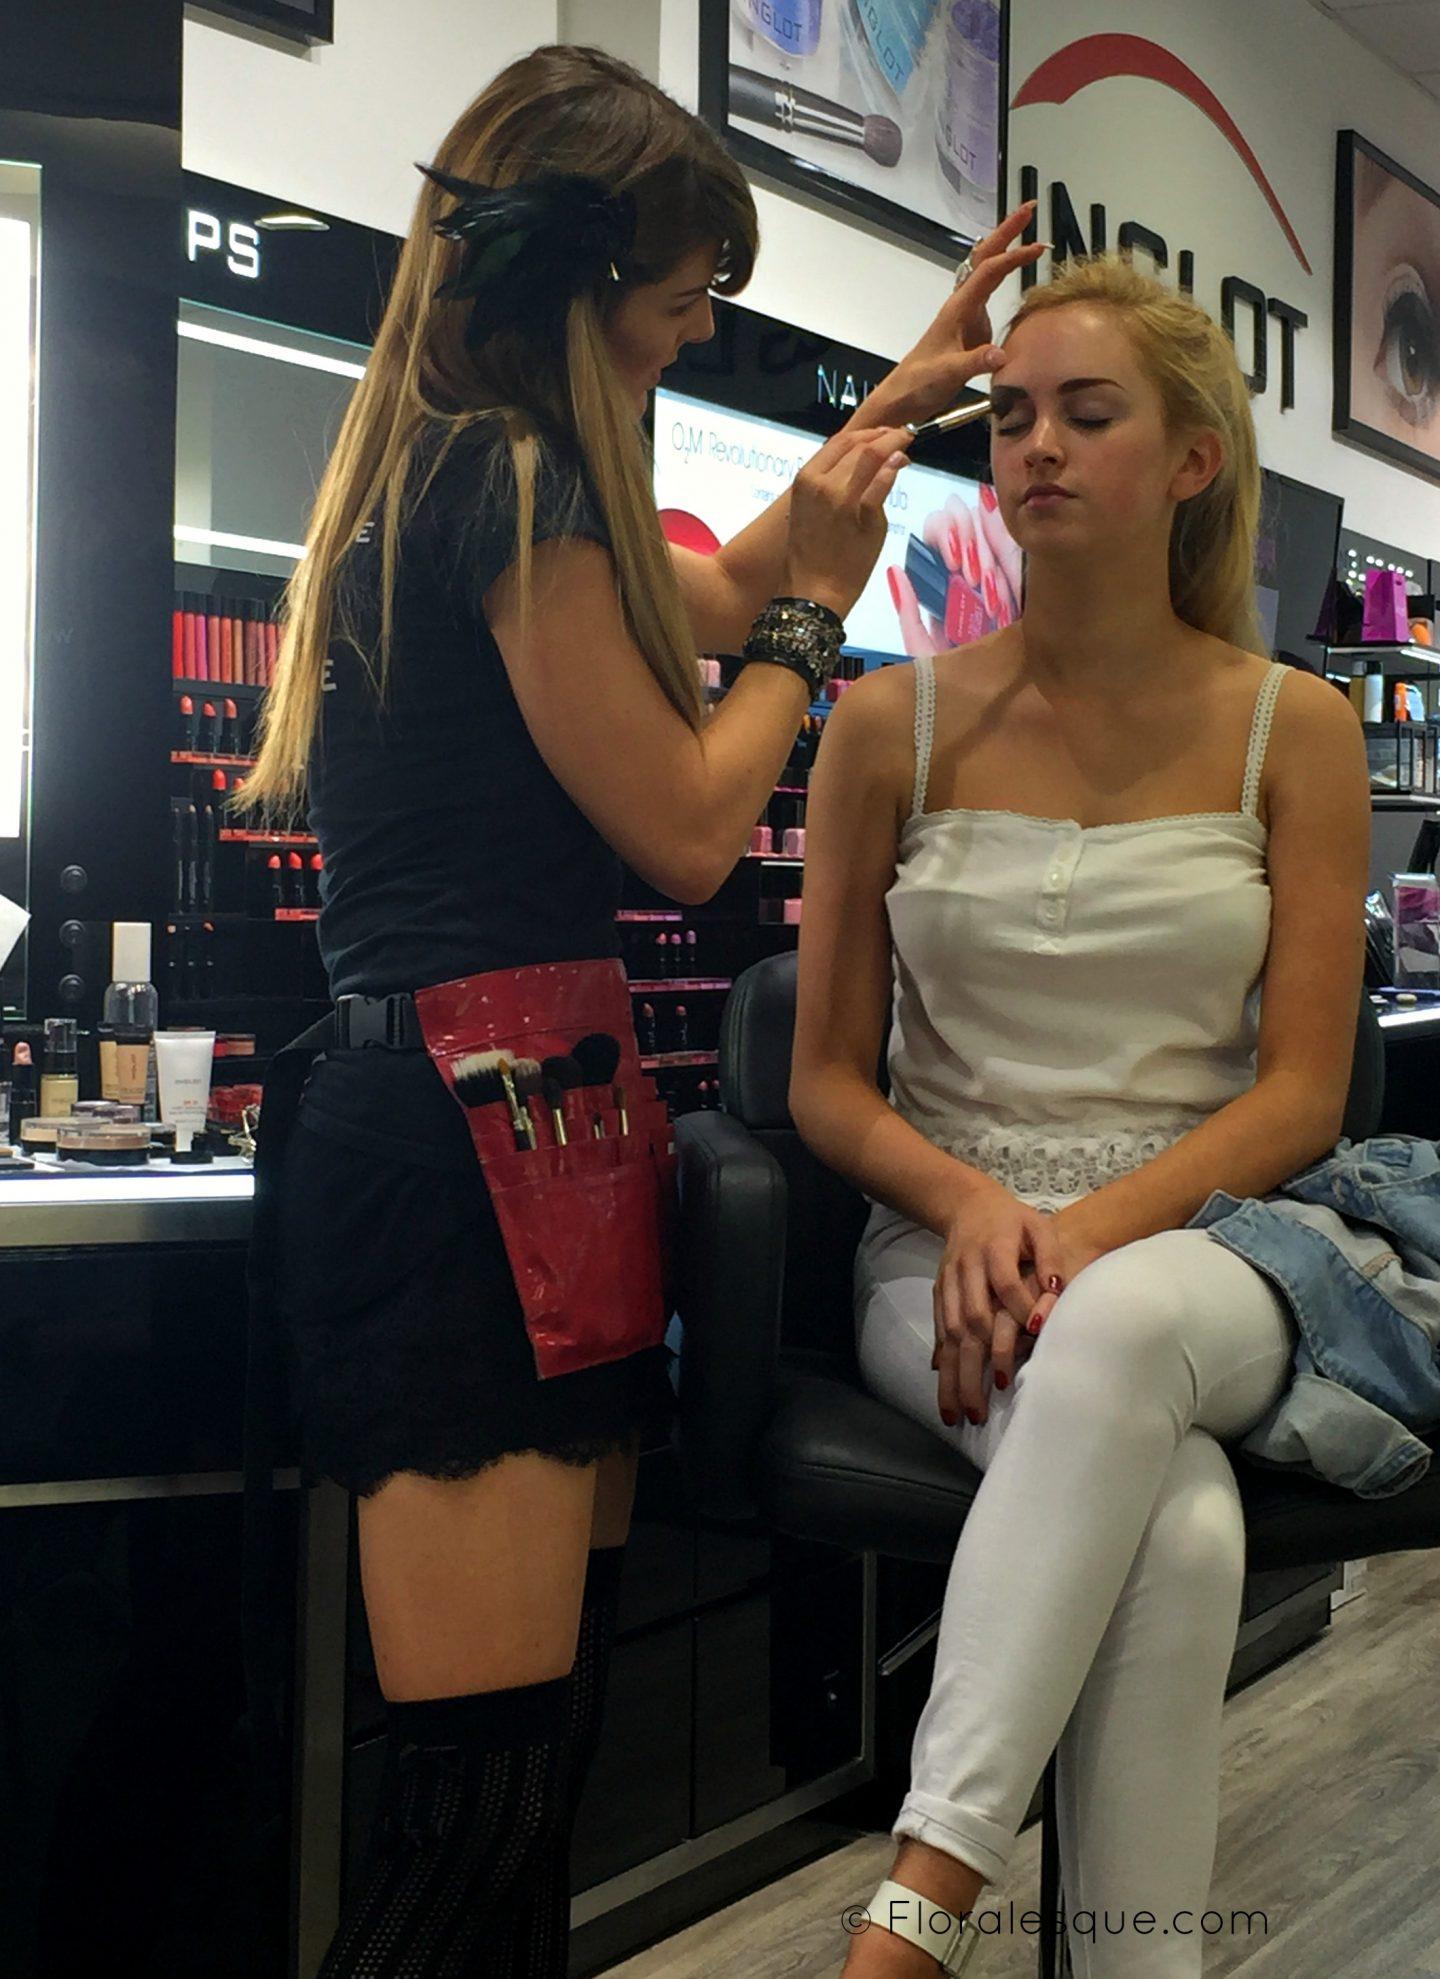 Inglot Bridal Make up class with Make up Artist MUA Amy Fadden